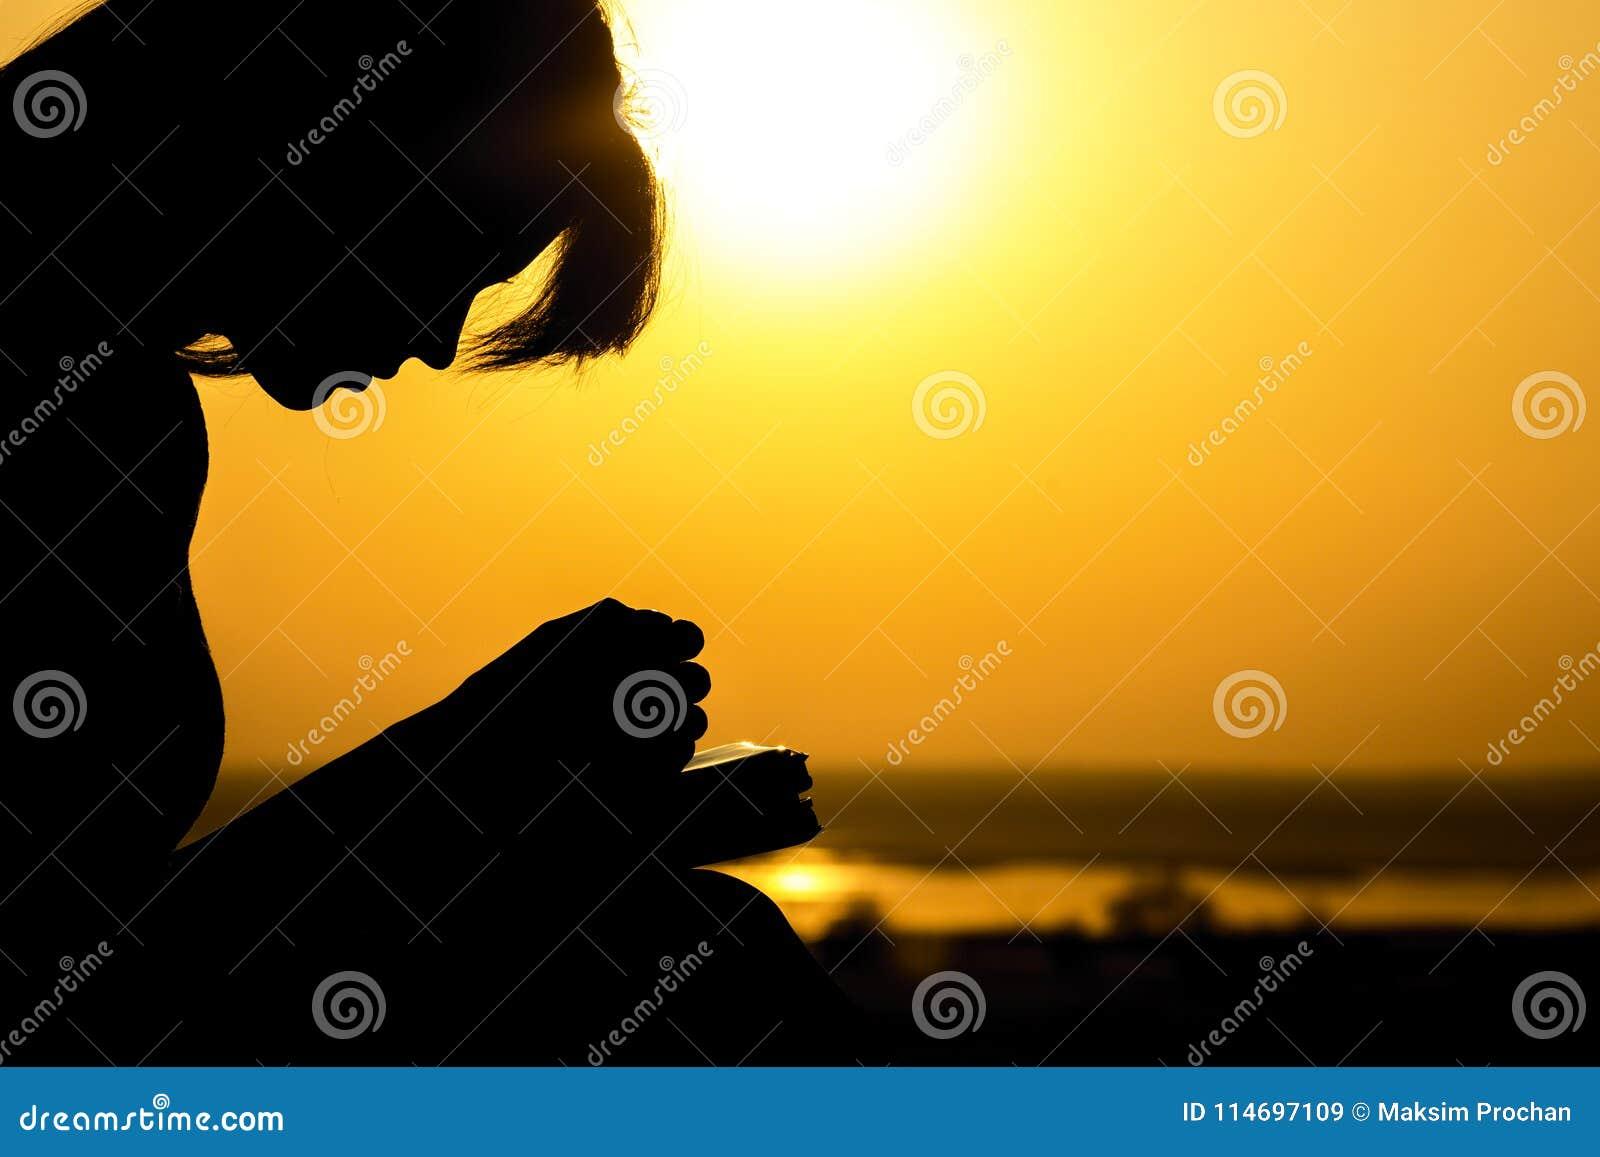 Σκιαγραφία των χεριών της γυναίκας που προσεύχεται στο Θεό στη φύση witth τη Βίβλο στο ηλιοβασίλεμα, την έννοια της θρησκείας και